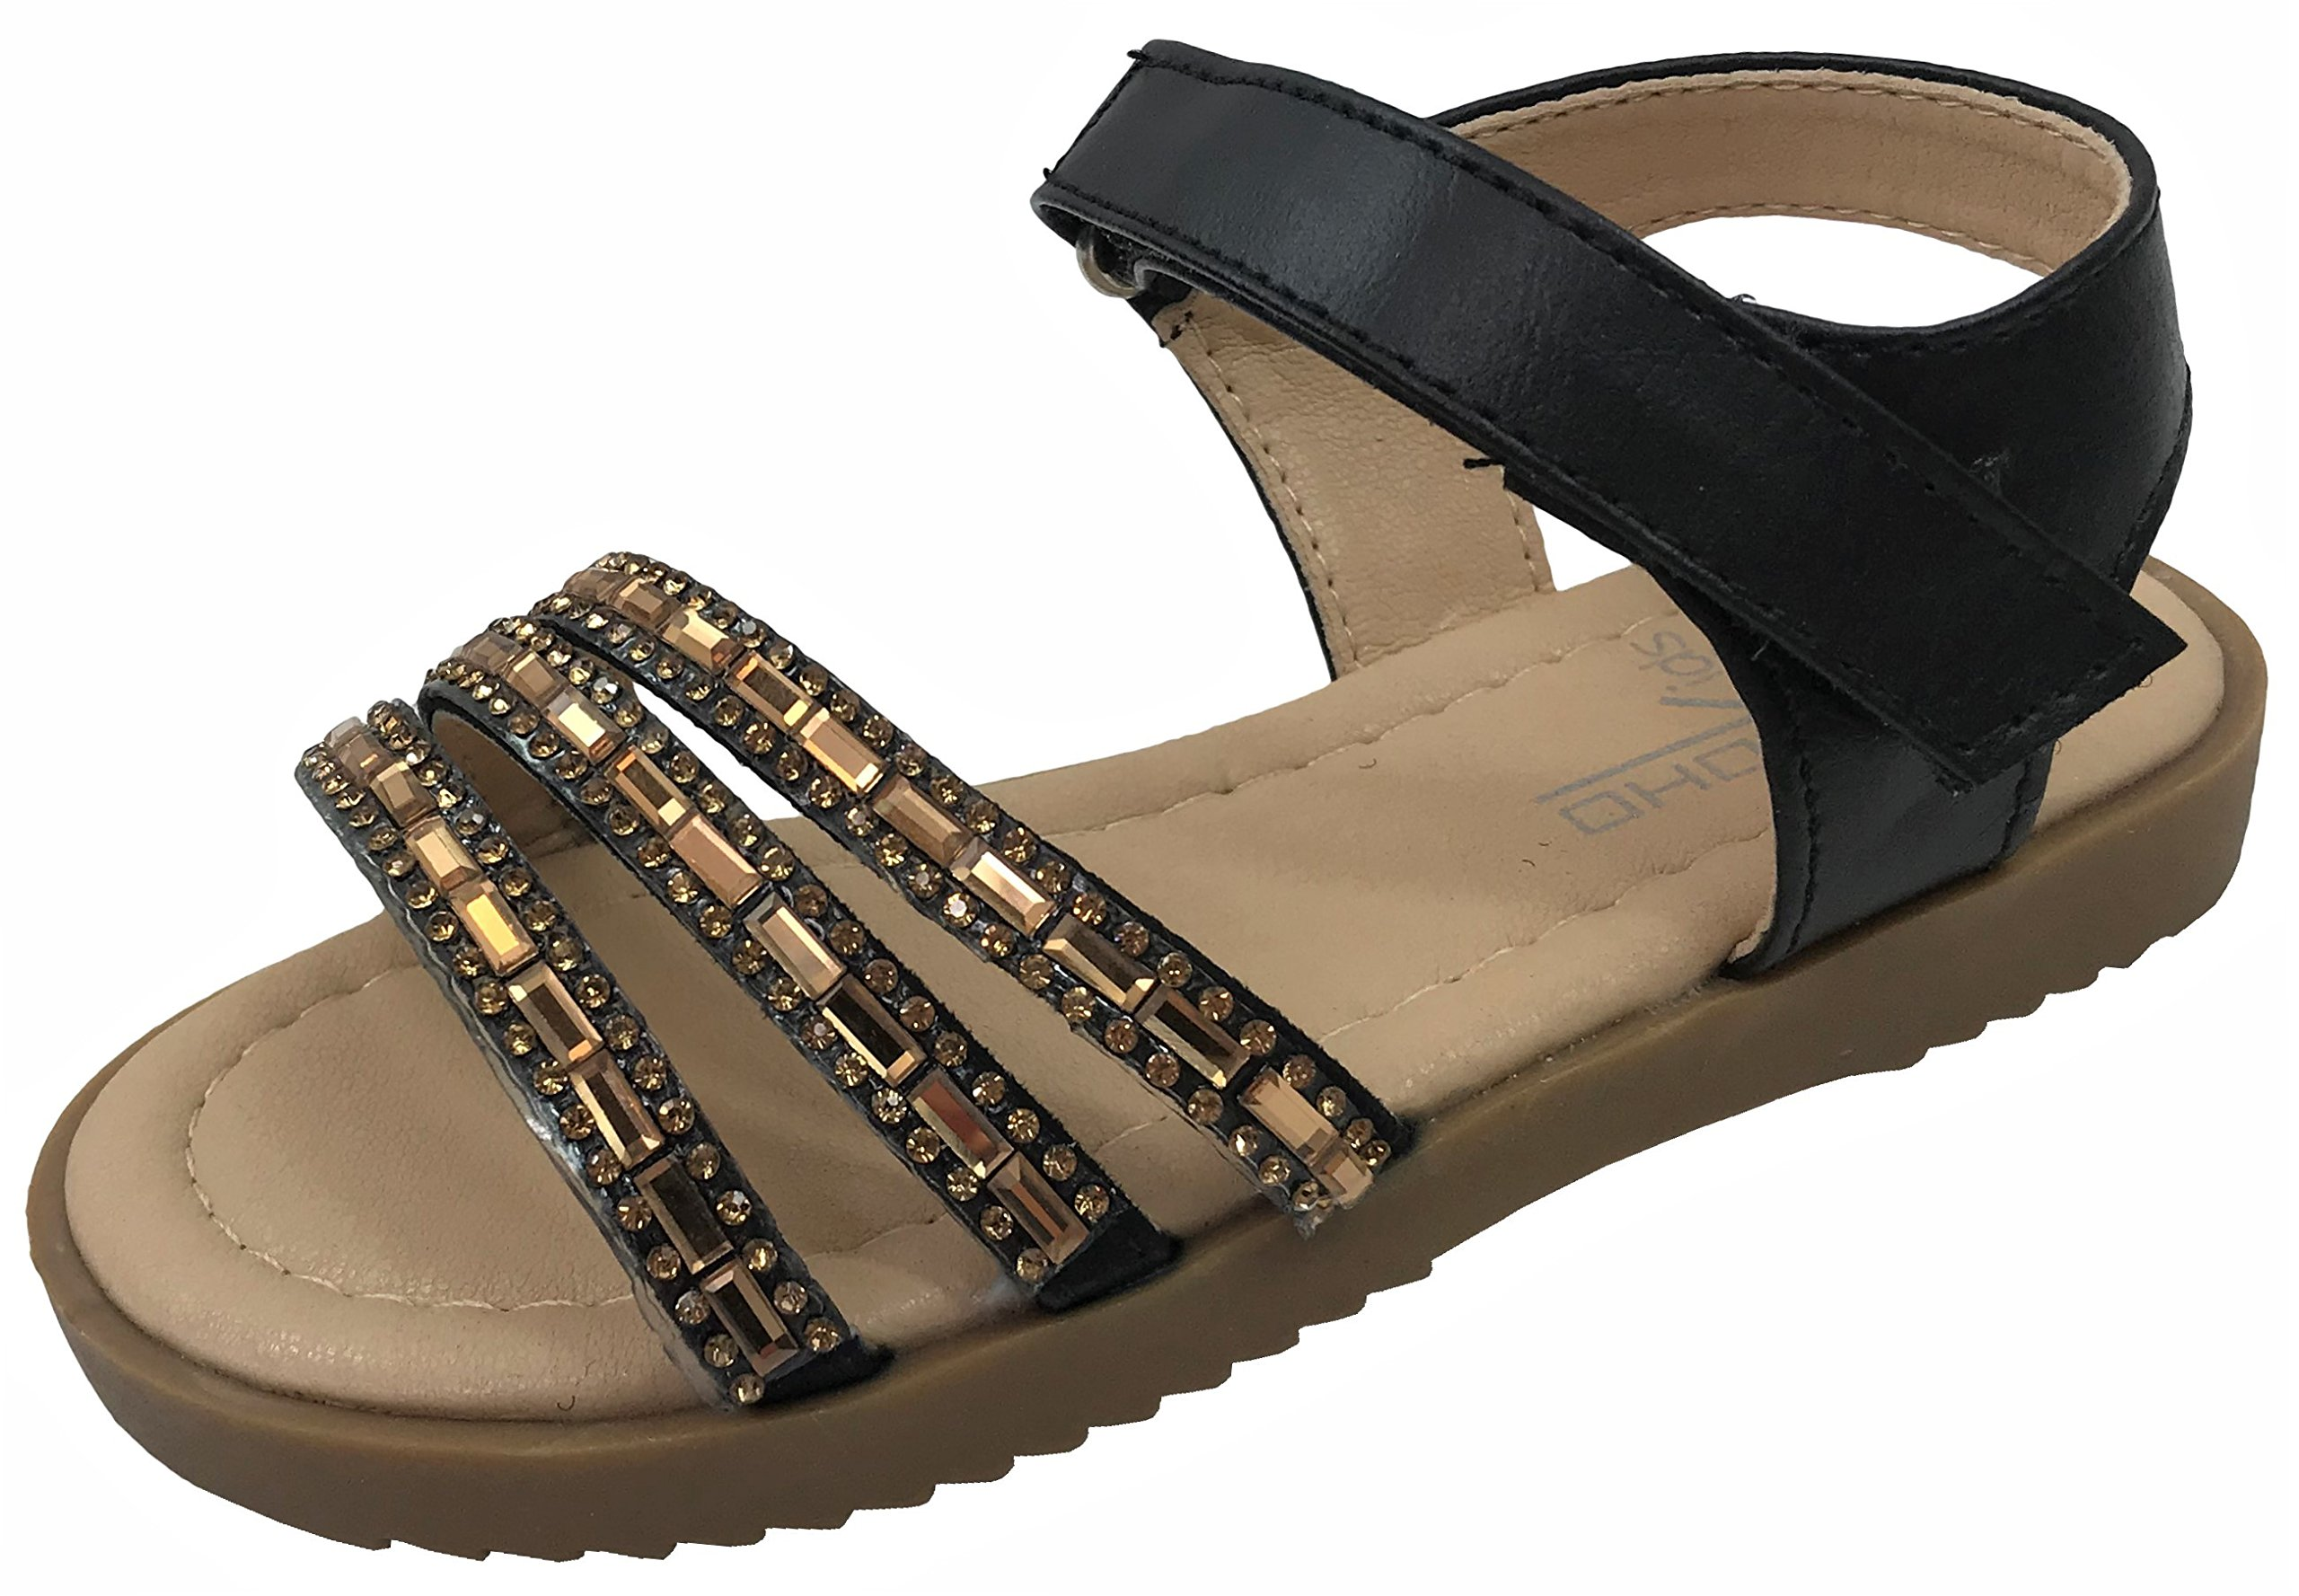 Soho Girls, Toddler Infant Kids Basic Summer Wedge Sandals Amy Black 6